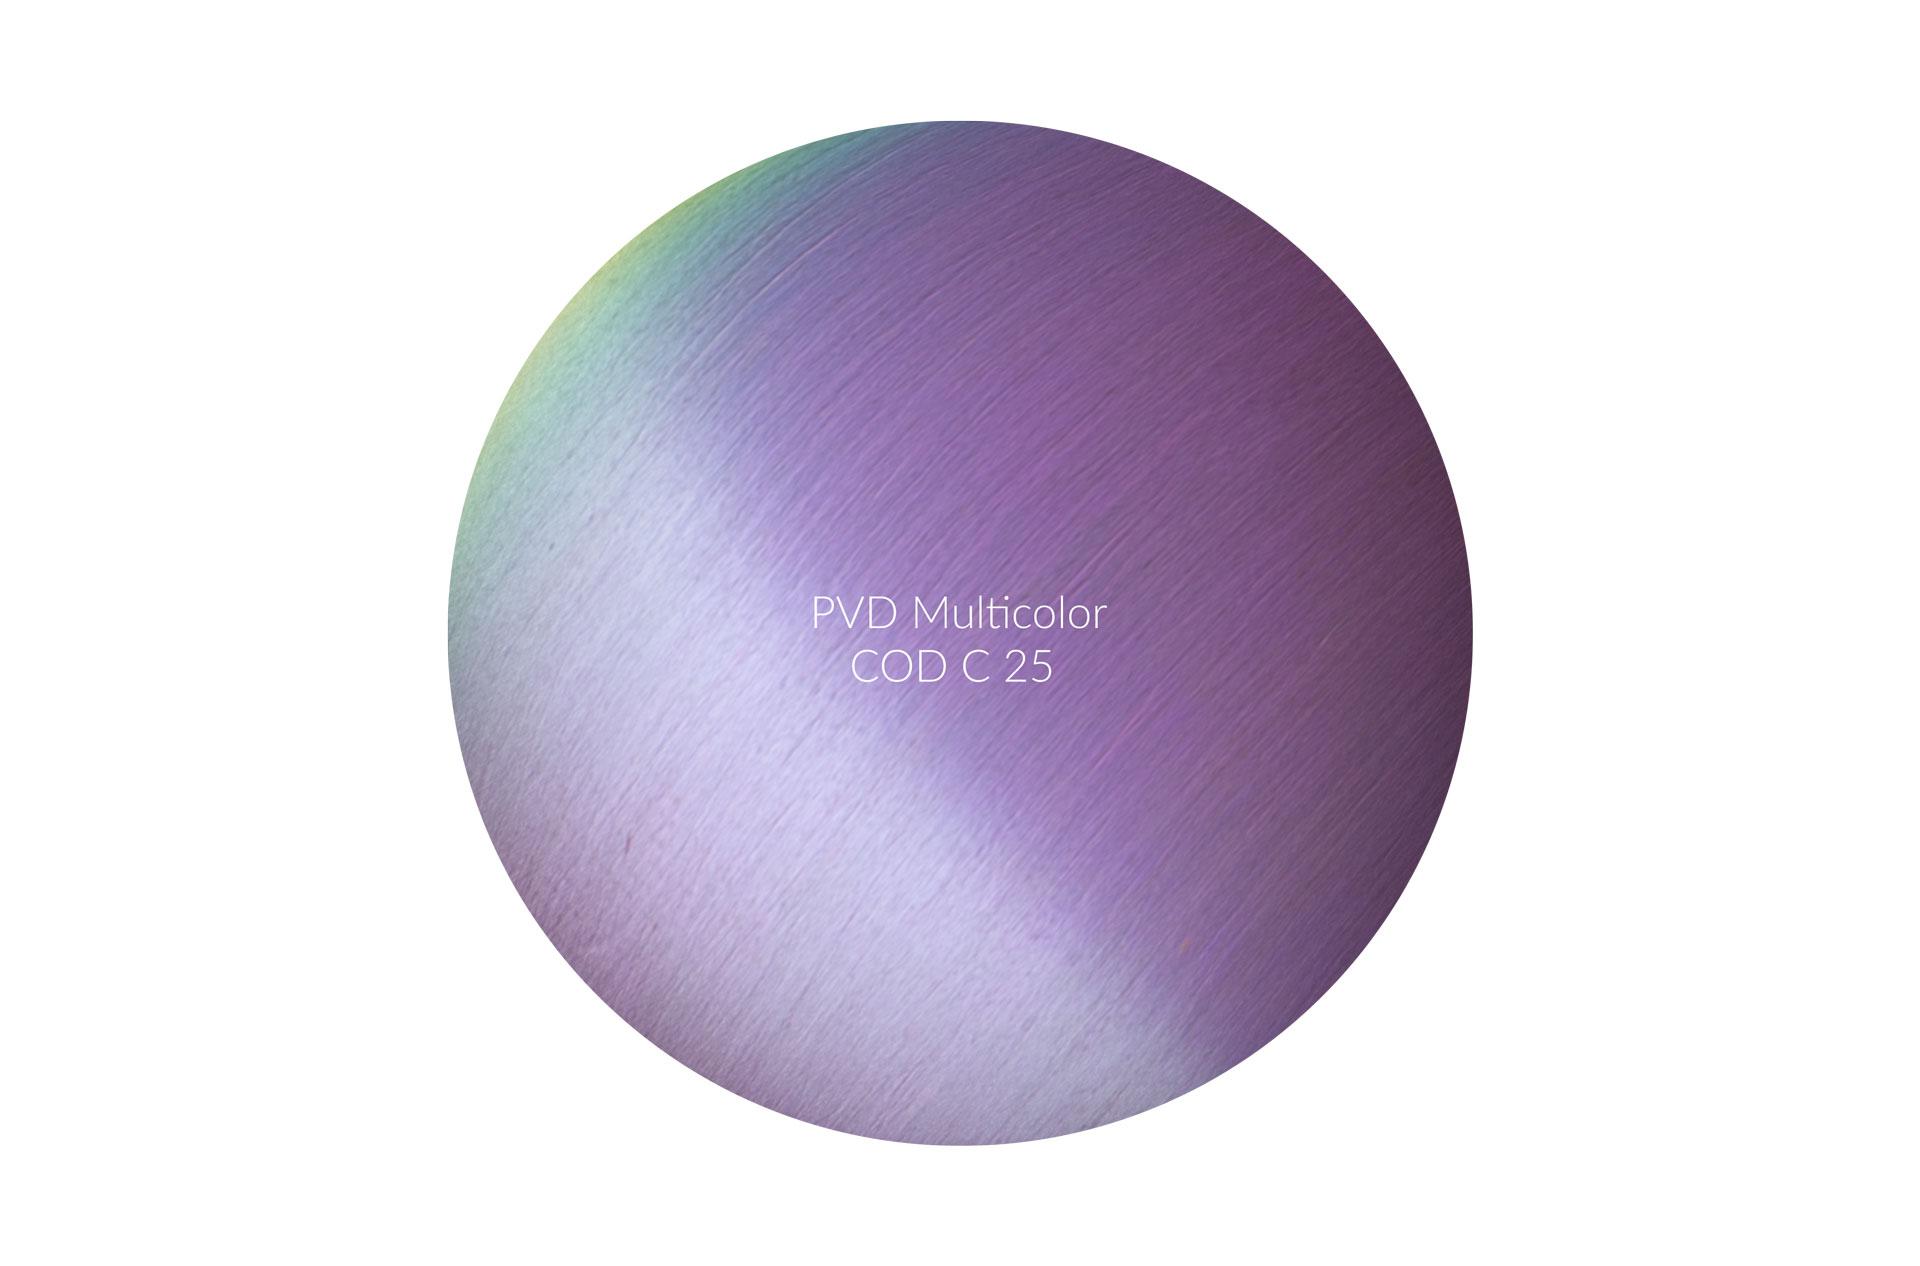 Dischetto PVD multicolor cod C 25 graffiato